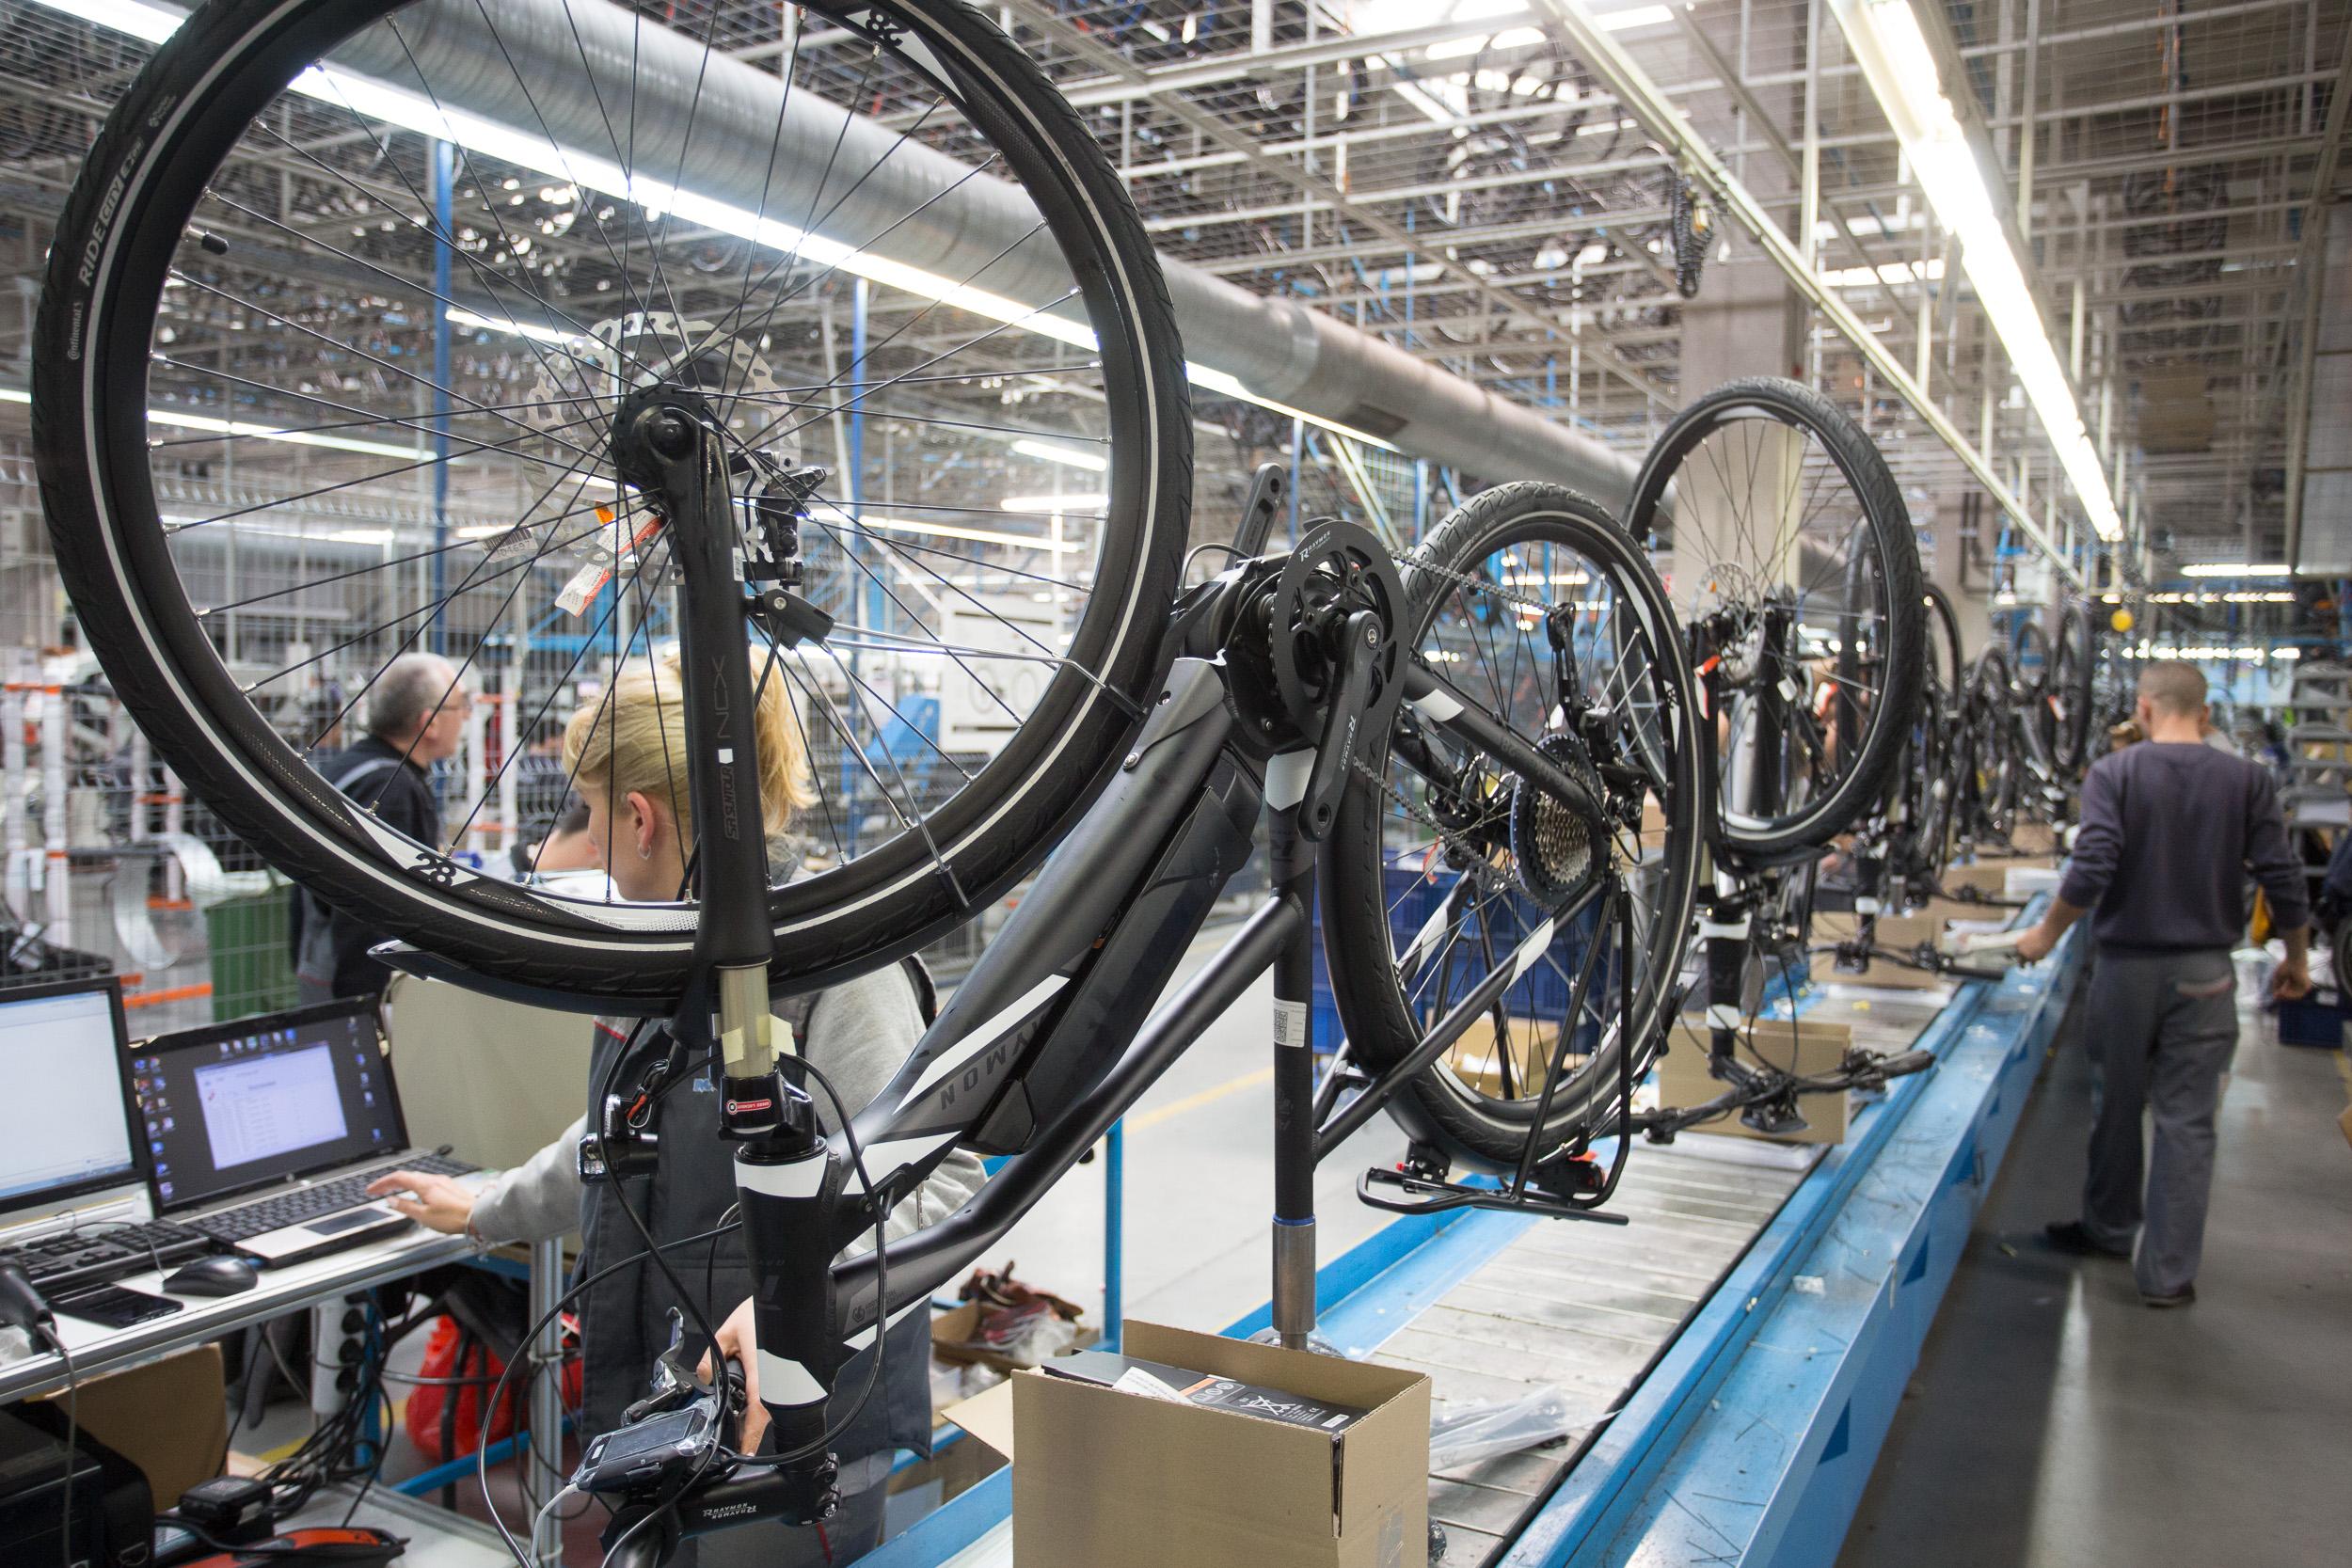 МАКСКОМ - Европейски производител на велосипеди